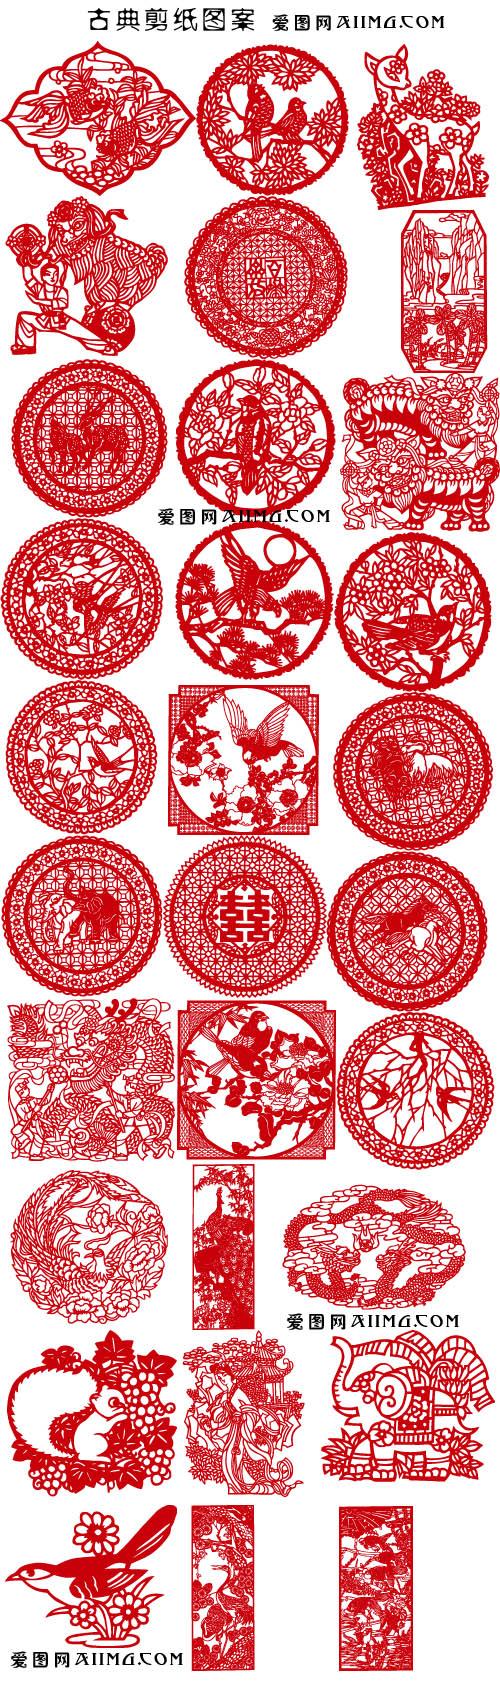 30款古典剪纸图案矢量素材 爱图网设计图片素材下载